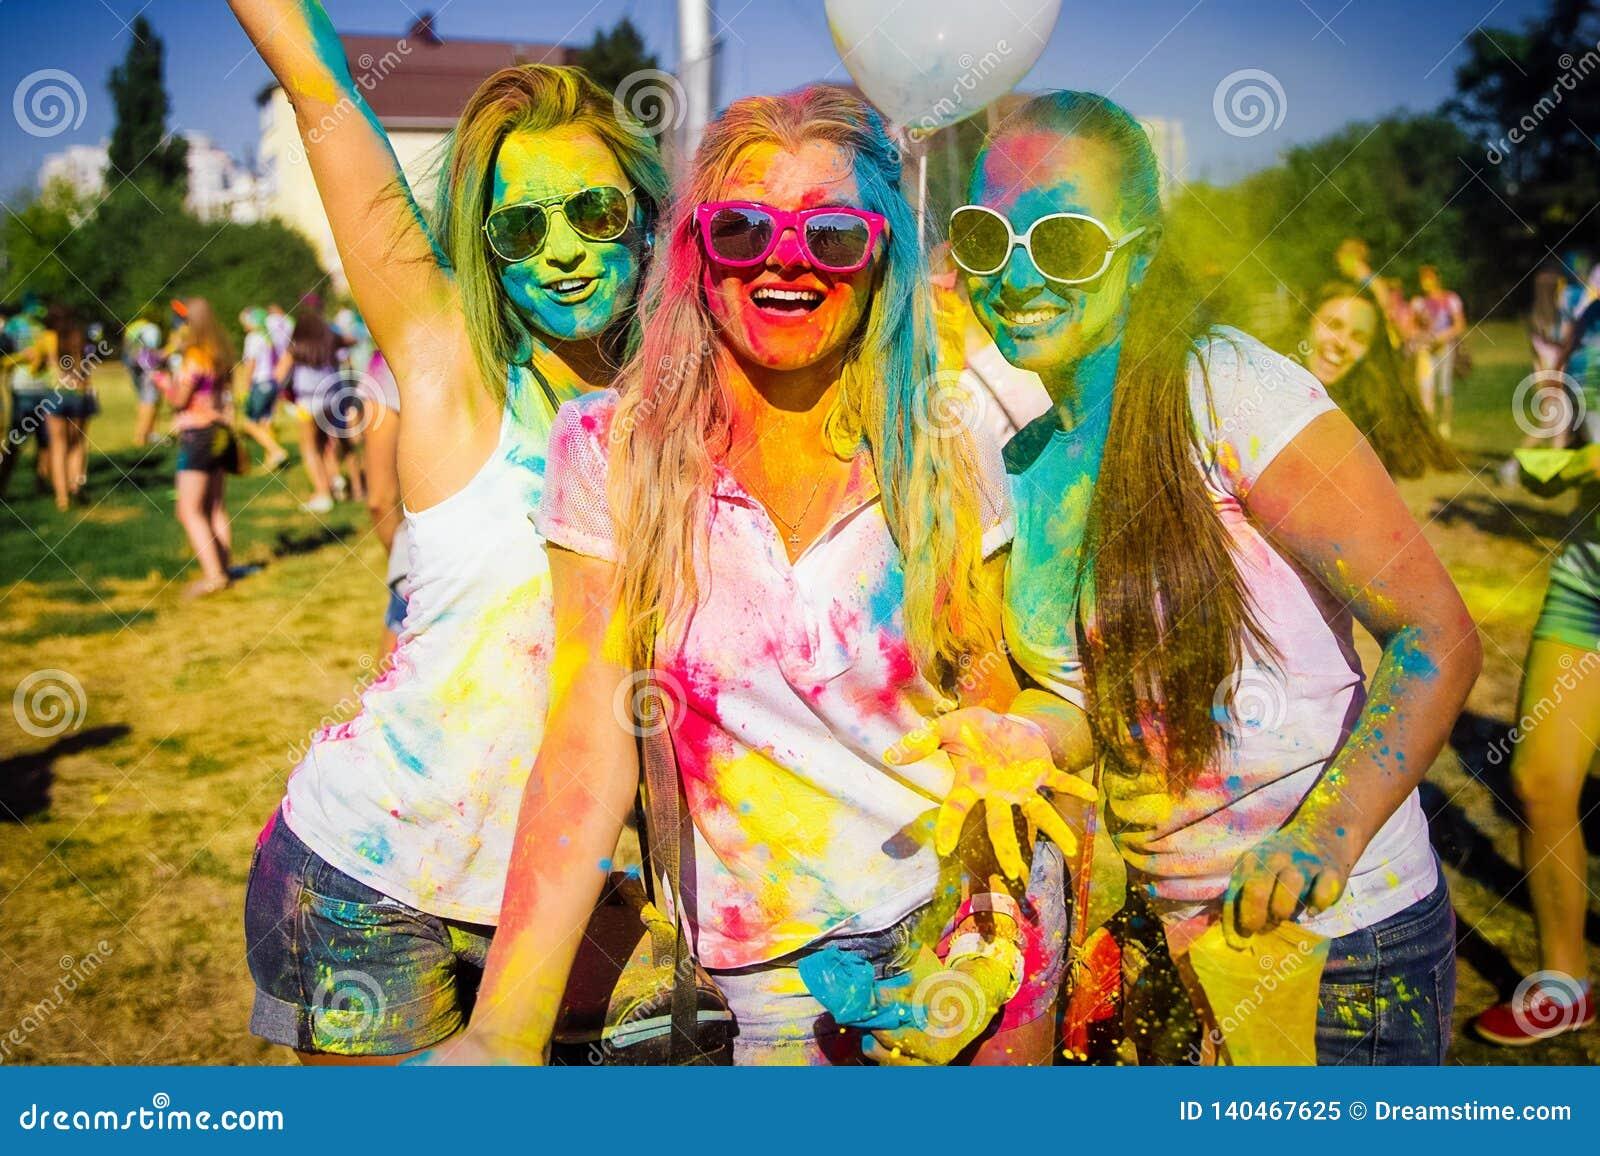 KRASNODAR, REGIONE DI KRASNODAR, RUSSIA 04 05 2018:: Un gruppo di ragazze al festival di Holi dei colori in Russia